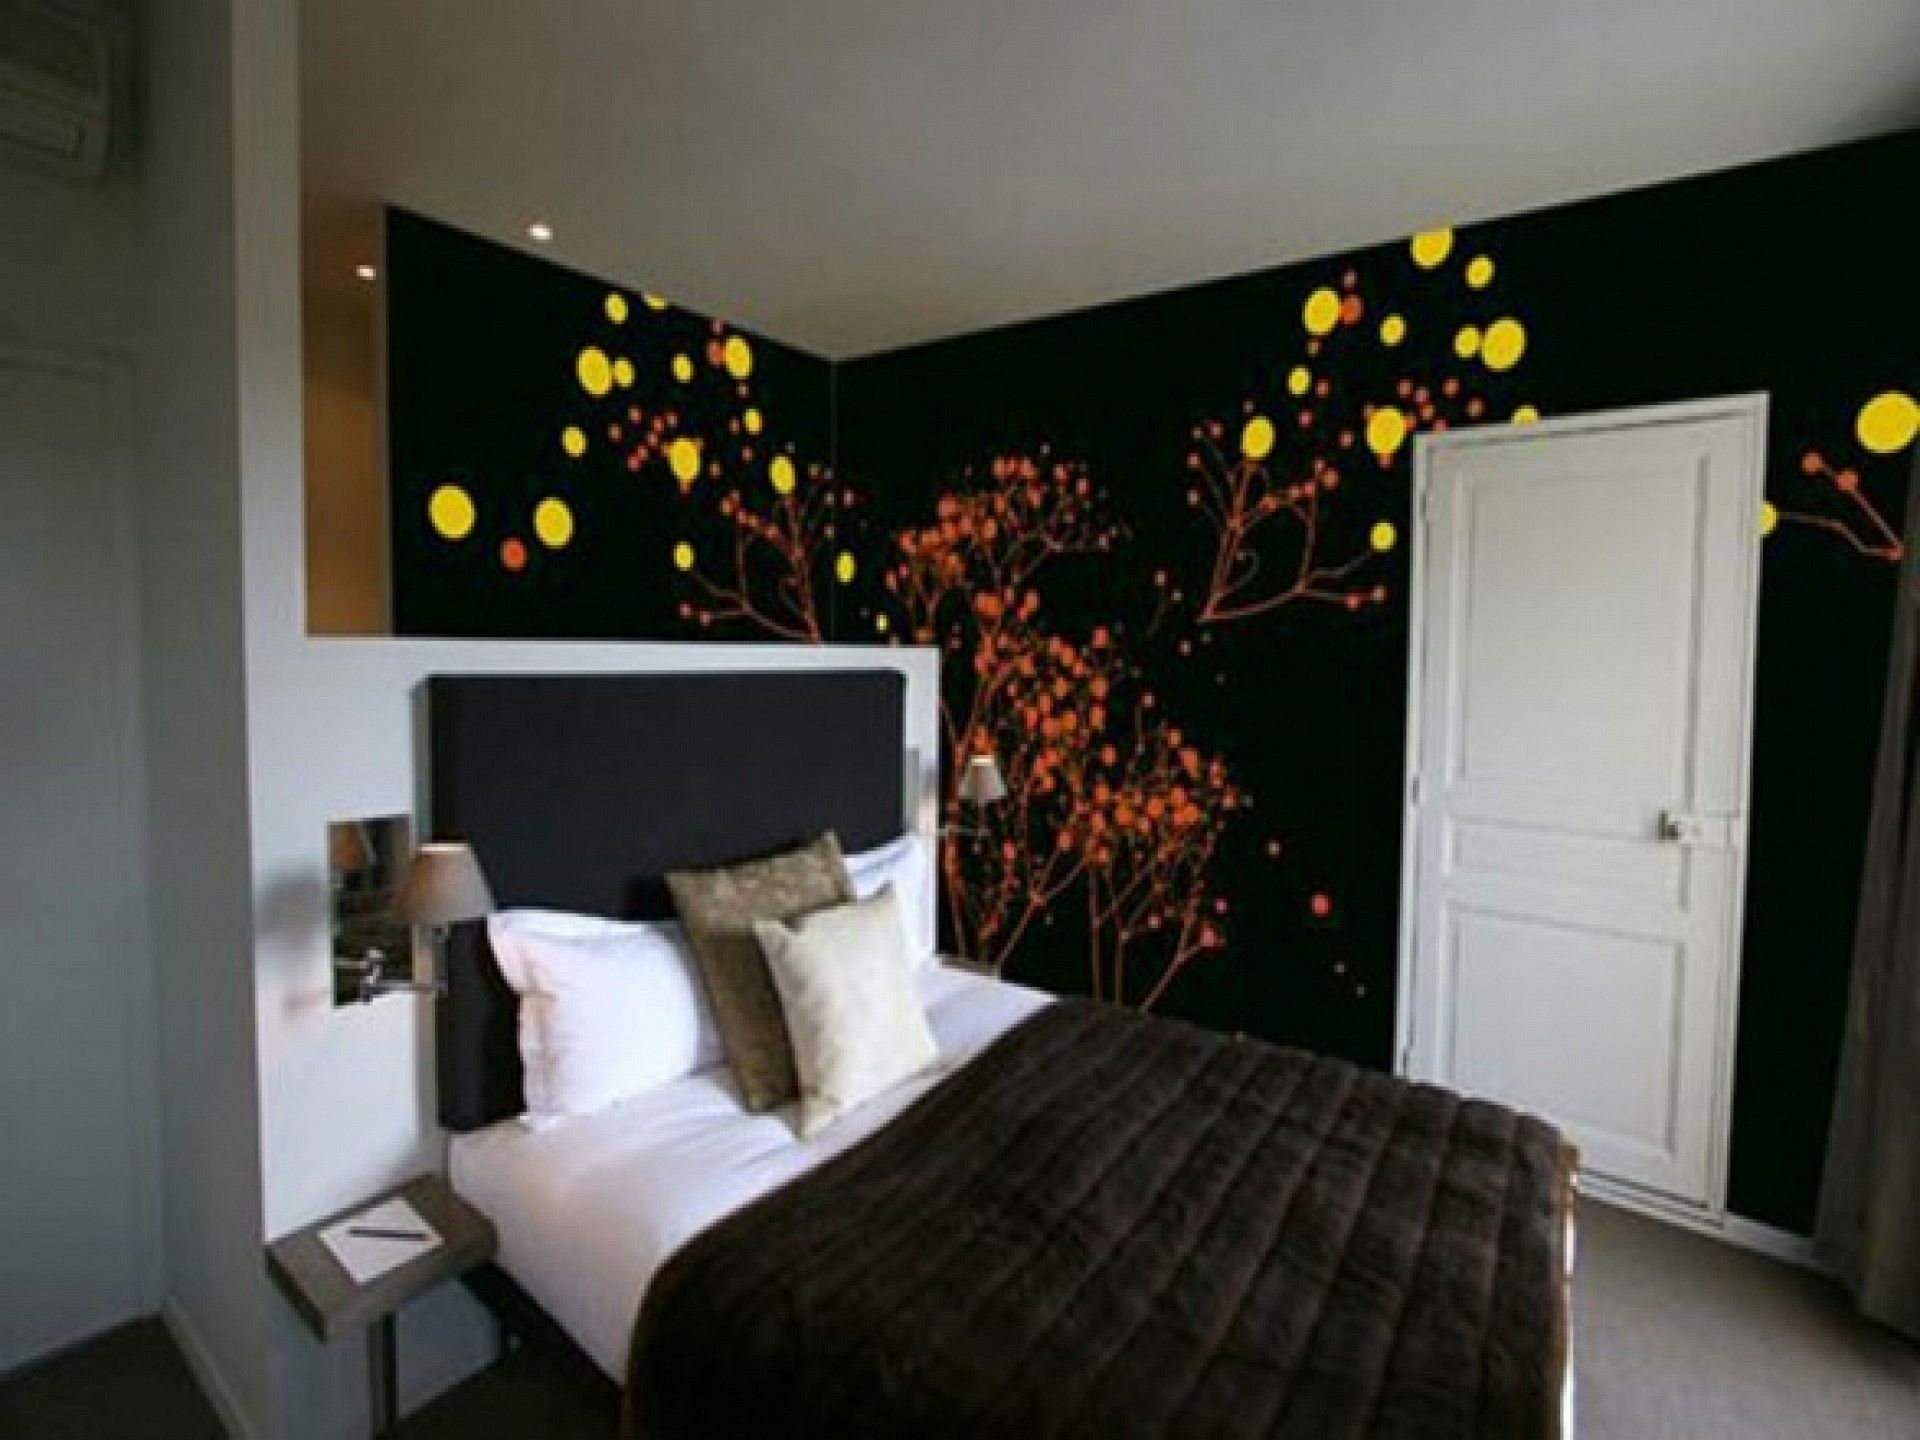 Günstige Schwarze Schlafzimmer Möbel Wand Design Mit